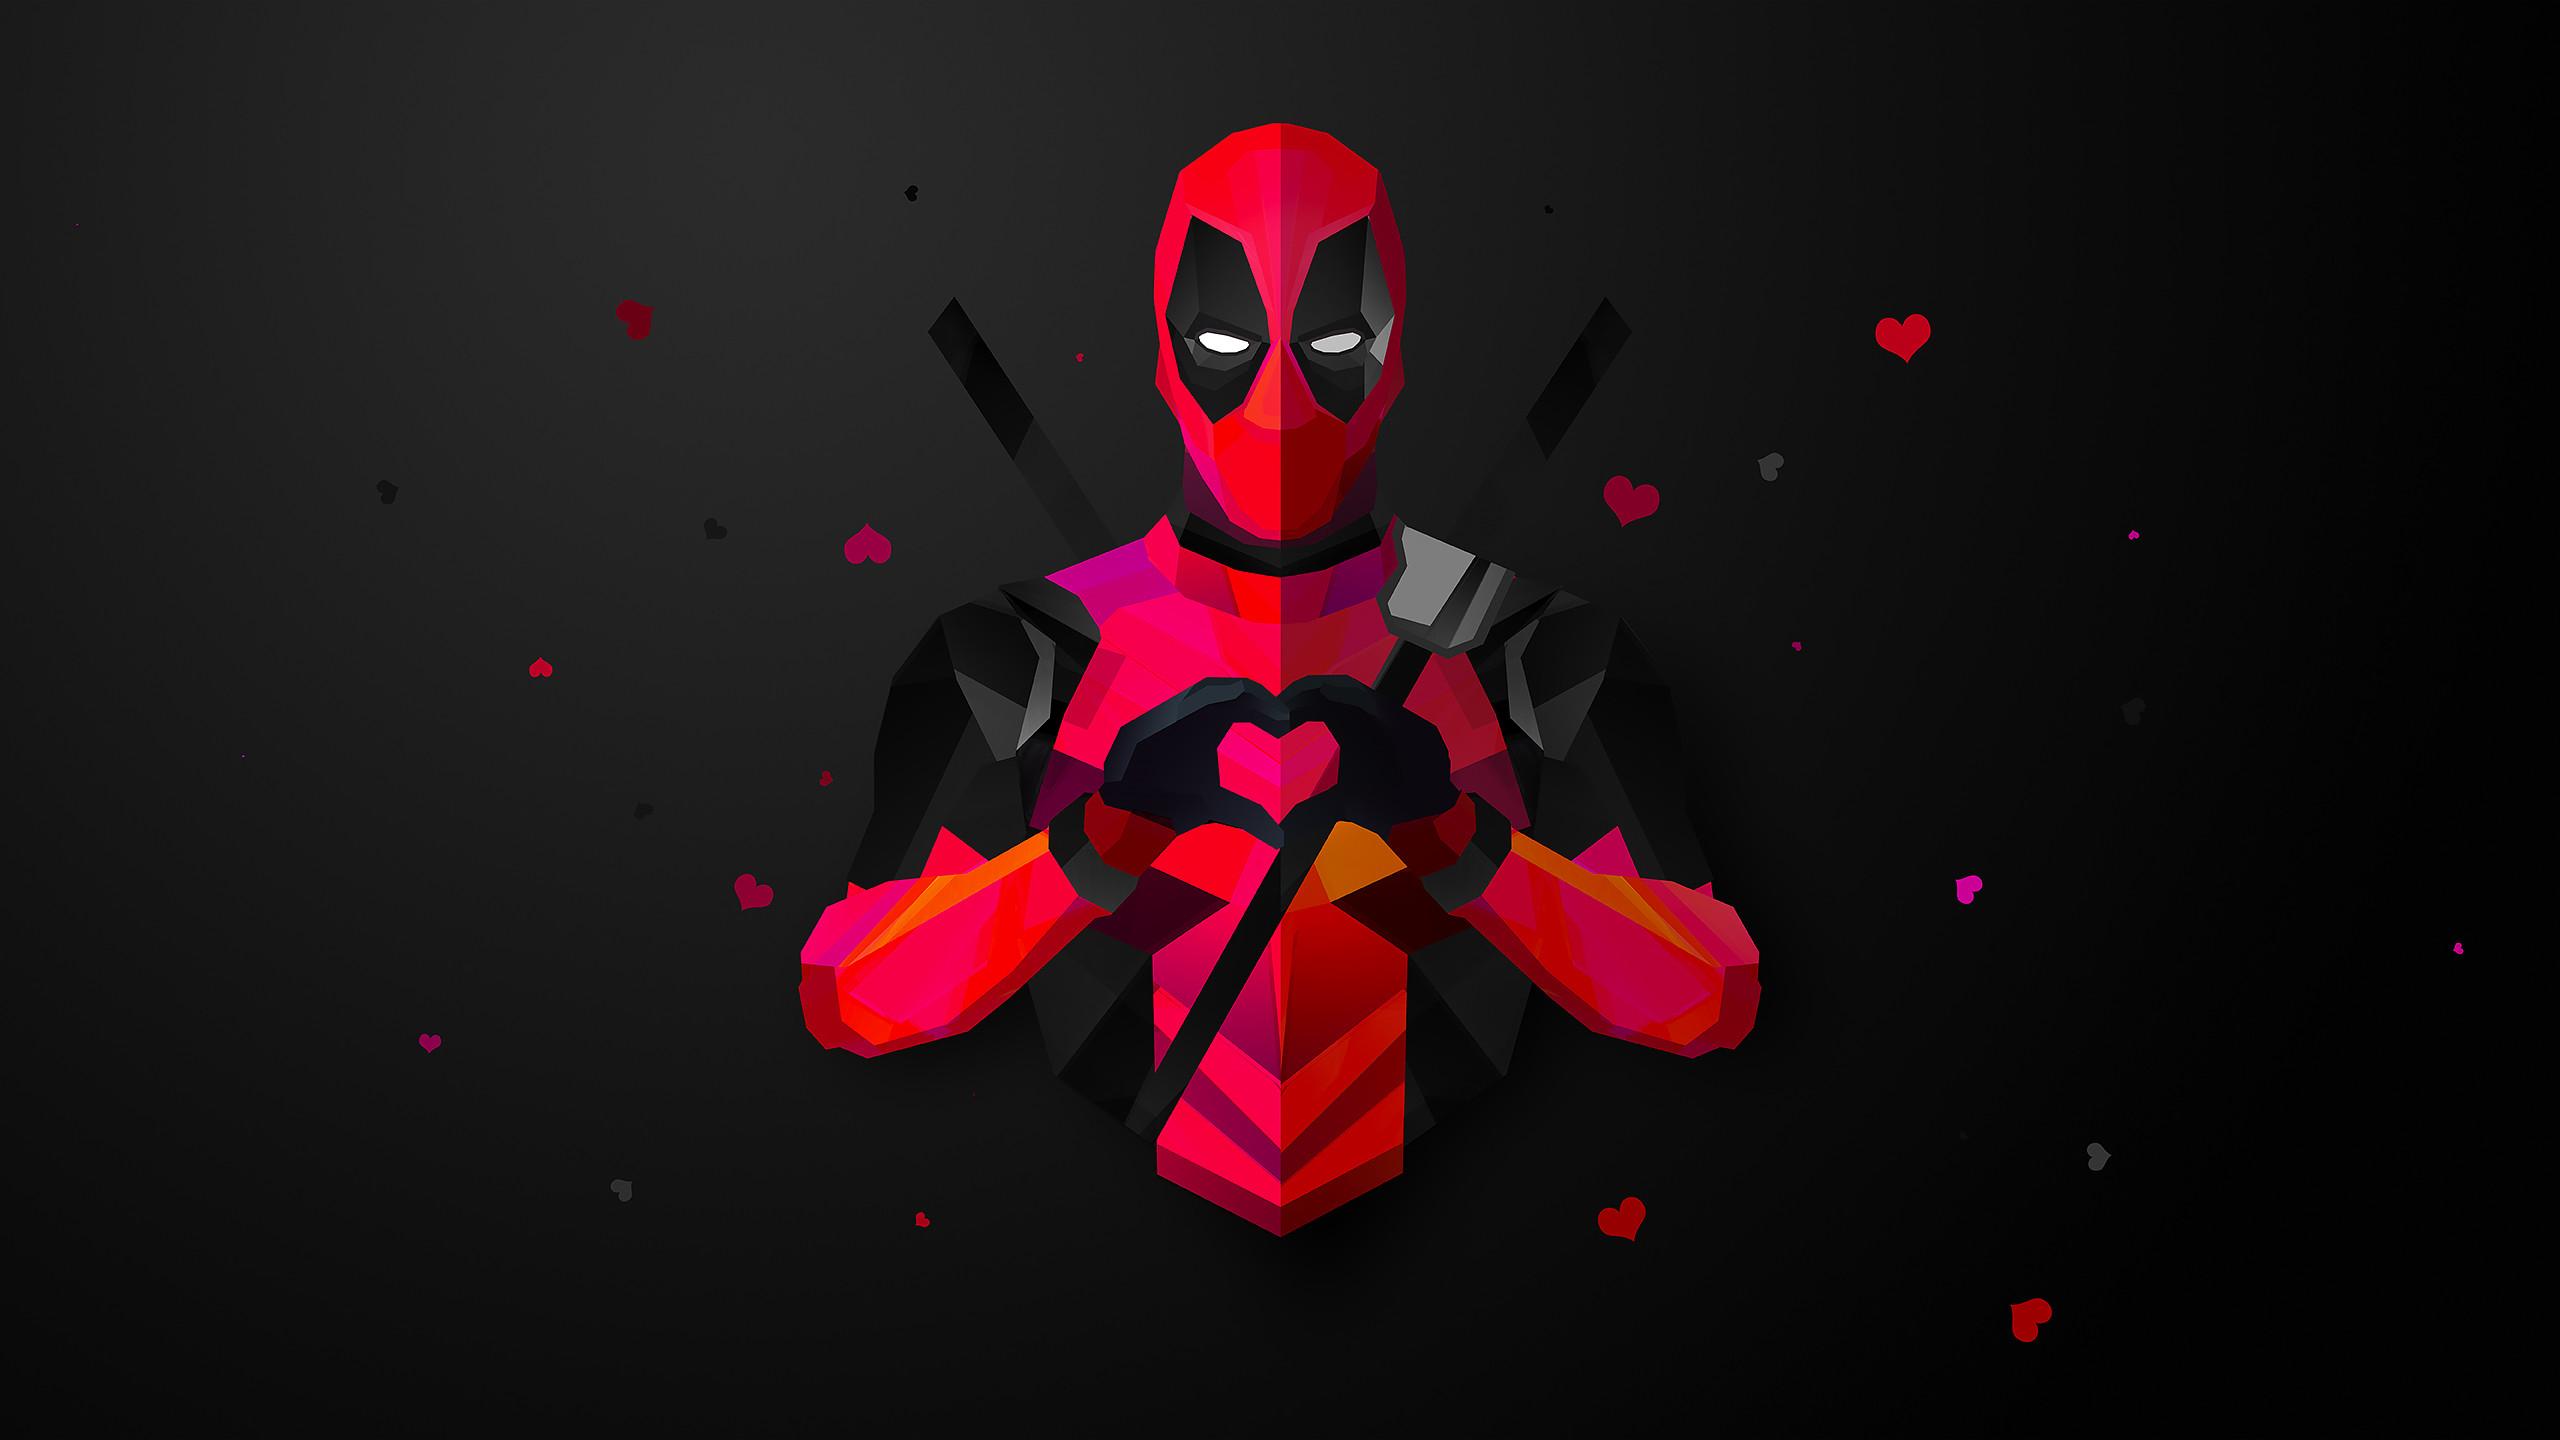 Deadpool Wallpapers HD PixelsTalk Deadpool Funny Funny Deadpool Wallpaper  pixel 2560×1440